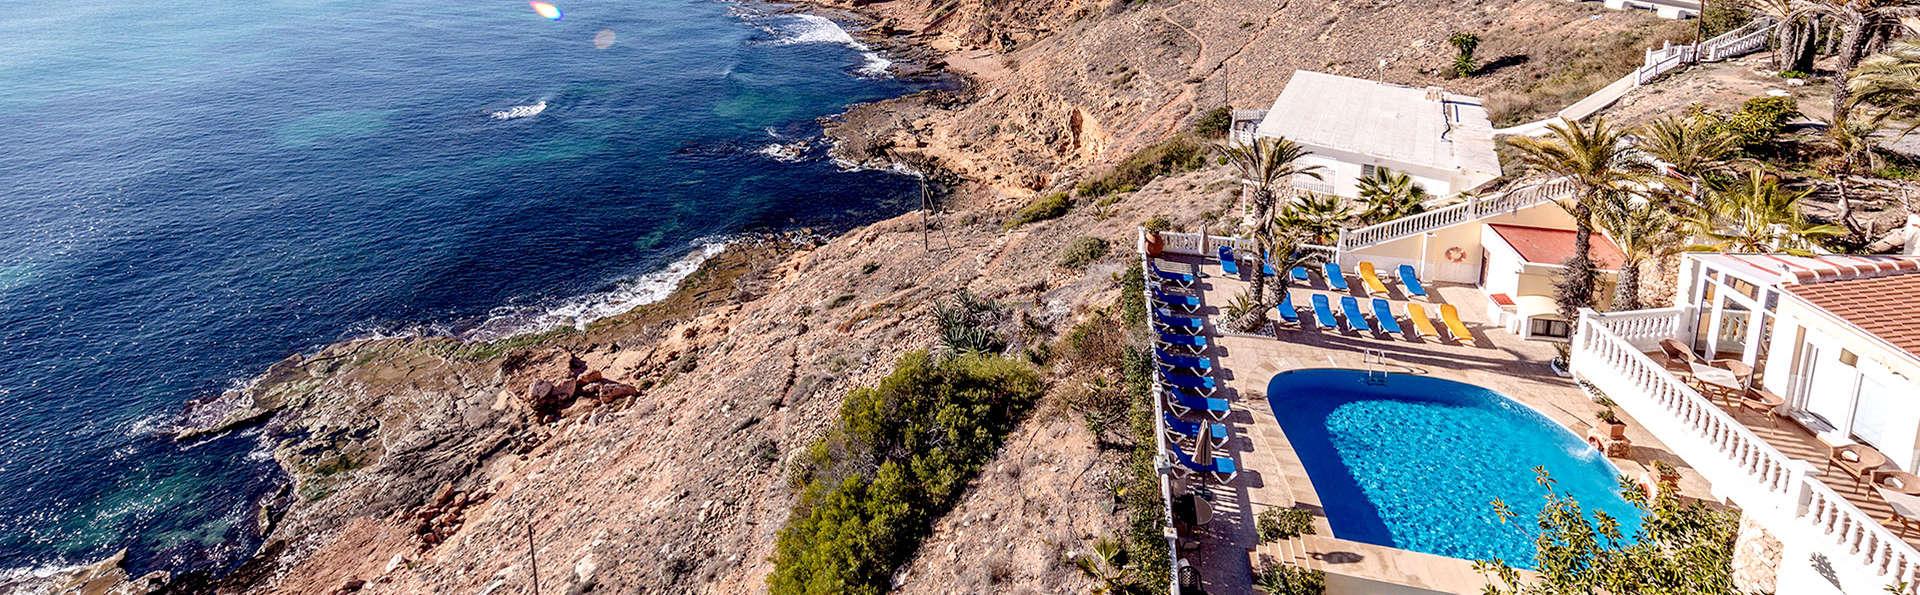 Week-end tout près de la plage de Torrevieja (1 enfant gratuit)